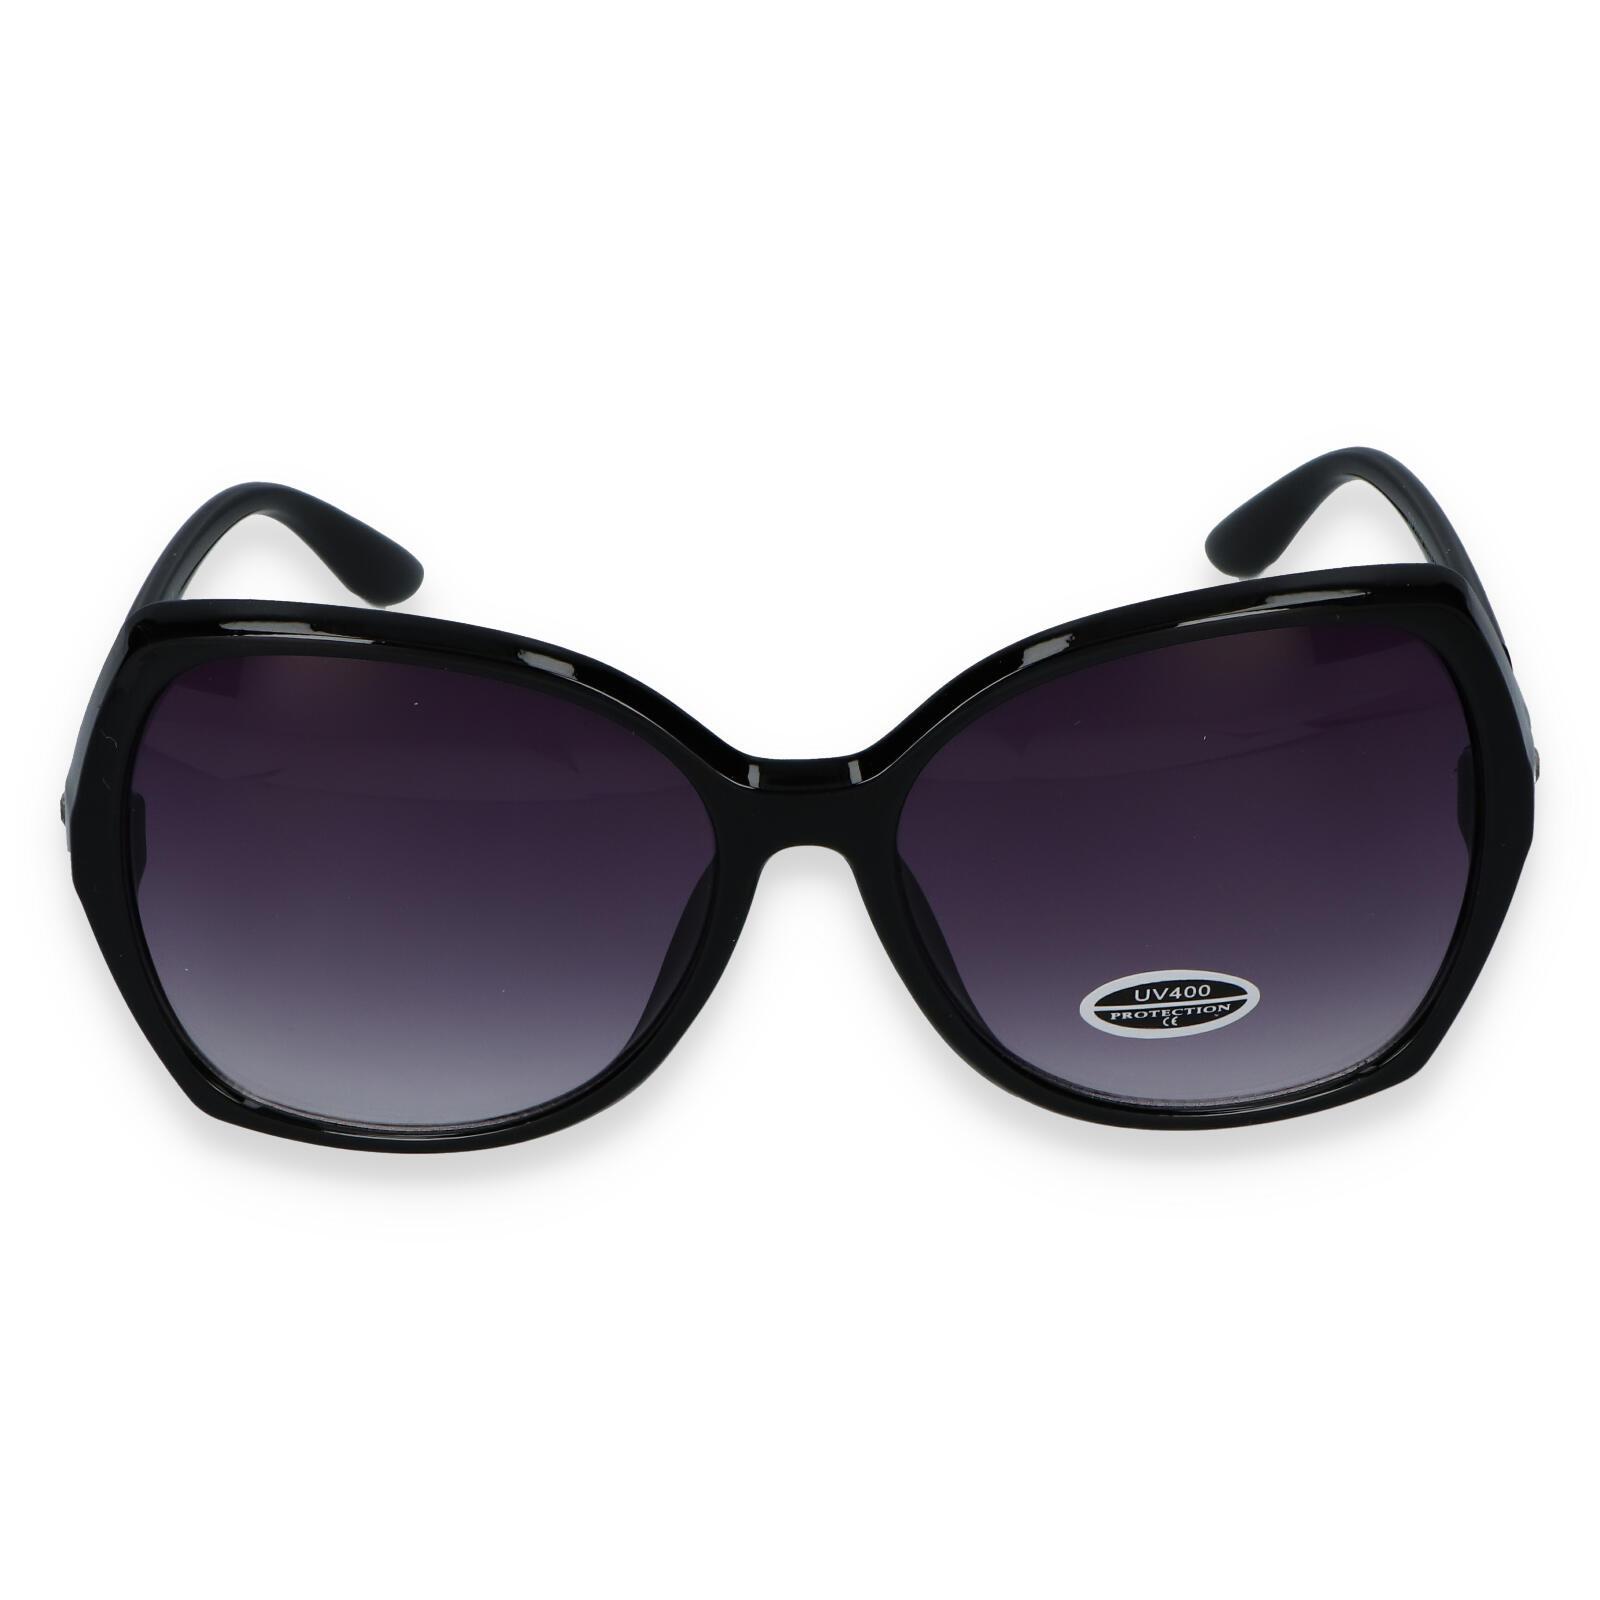 Dámske slnečné okuliare čierne - S3505